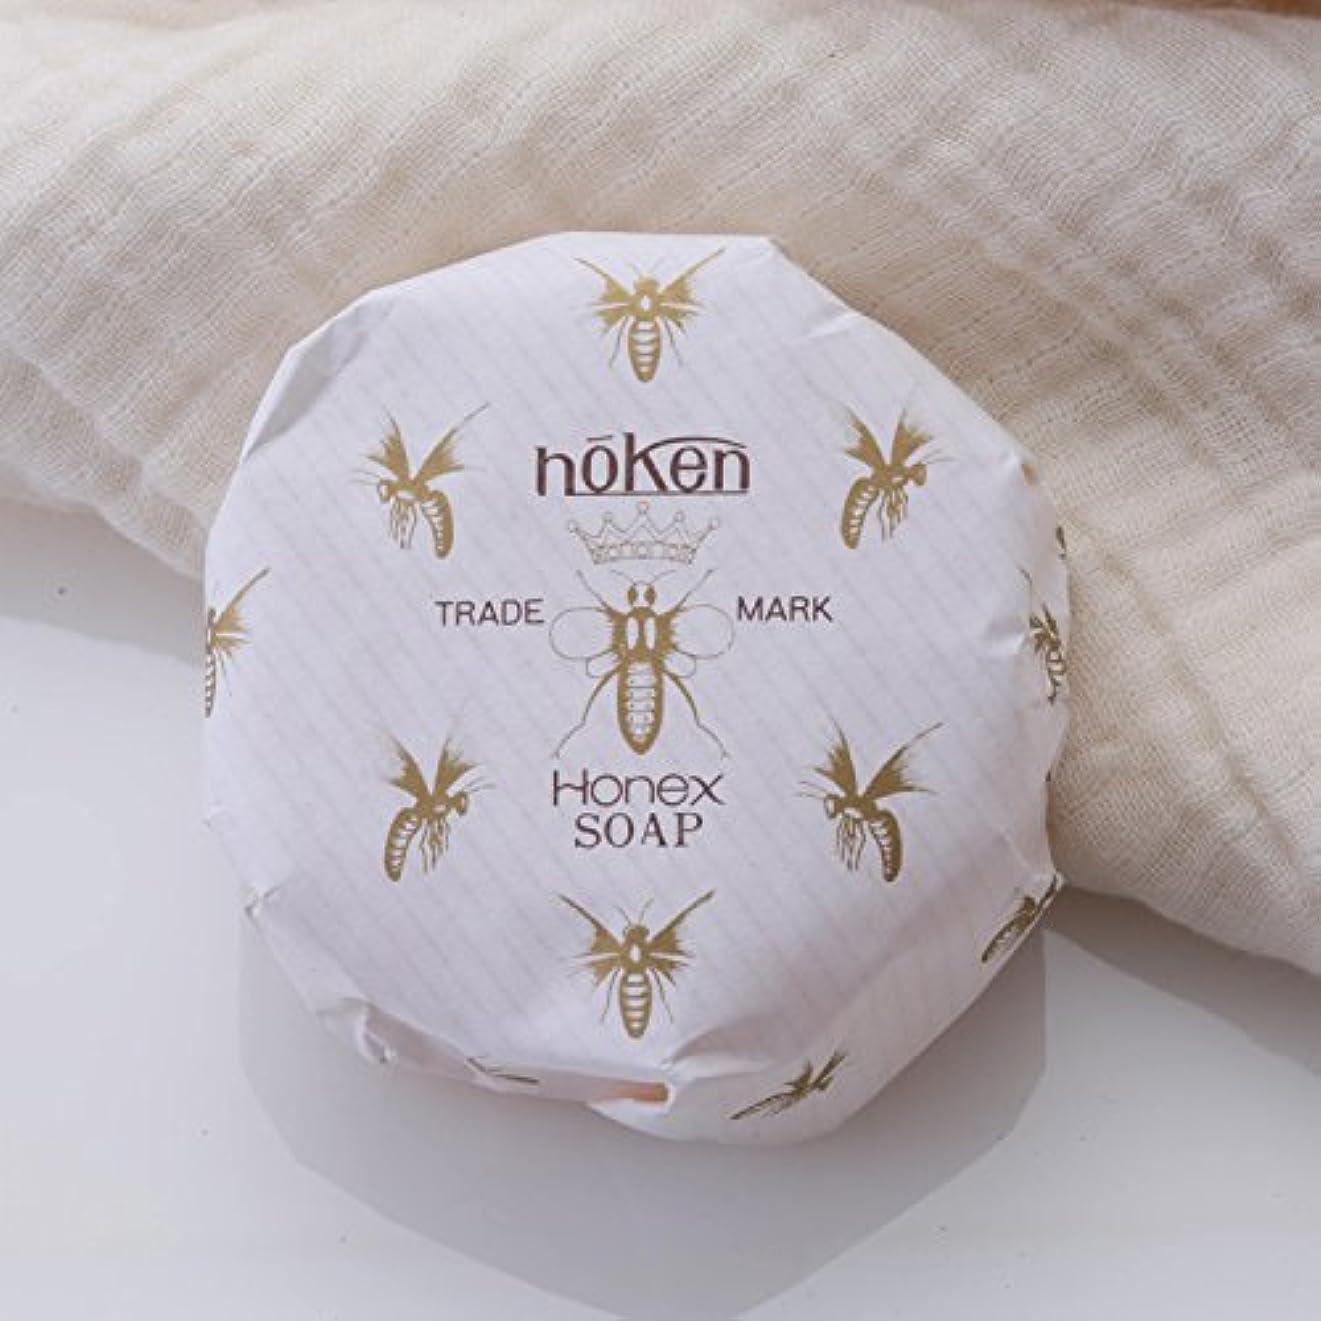 楽しむプランター広々としたHOKEN/HONEYX ソープ 大